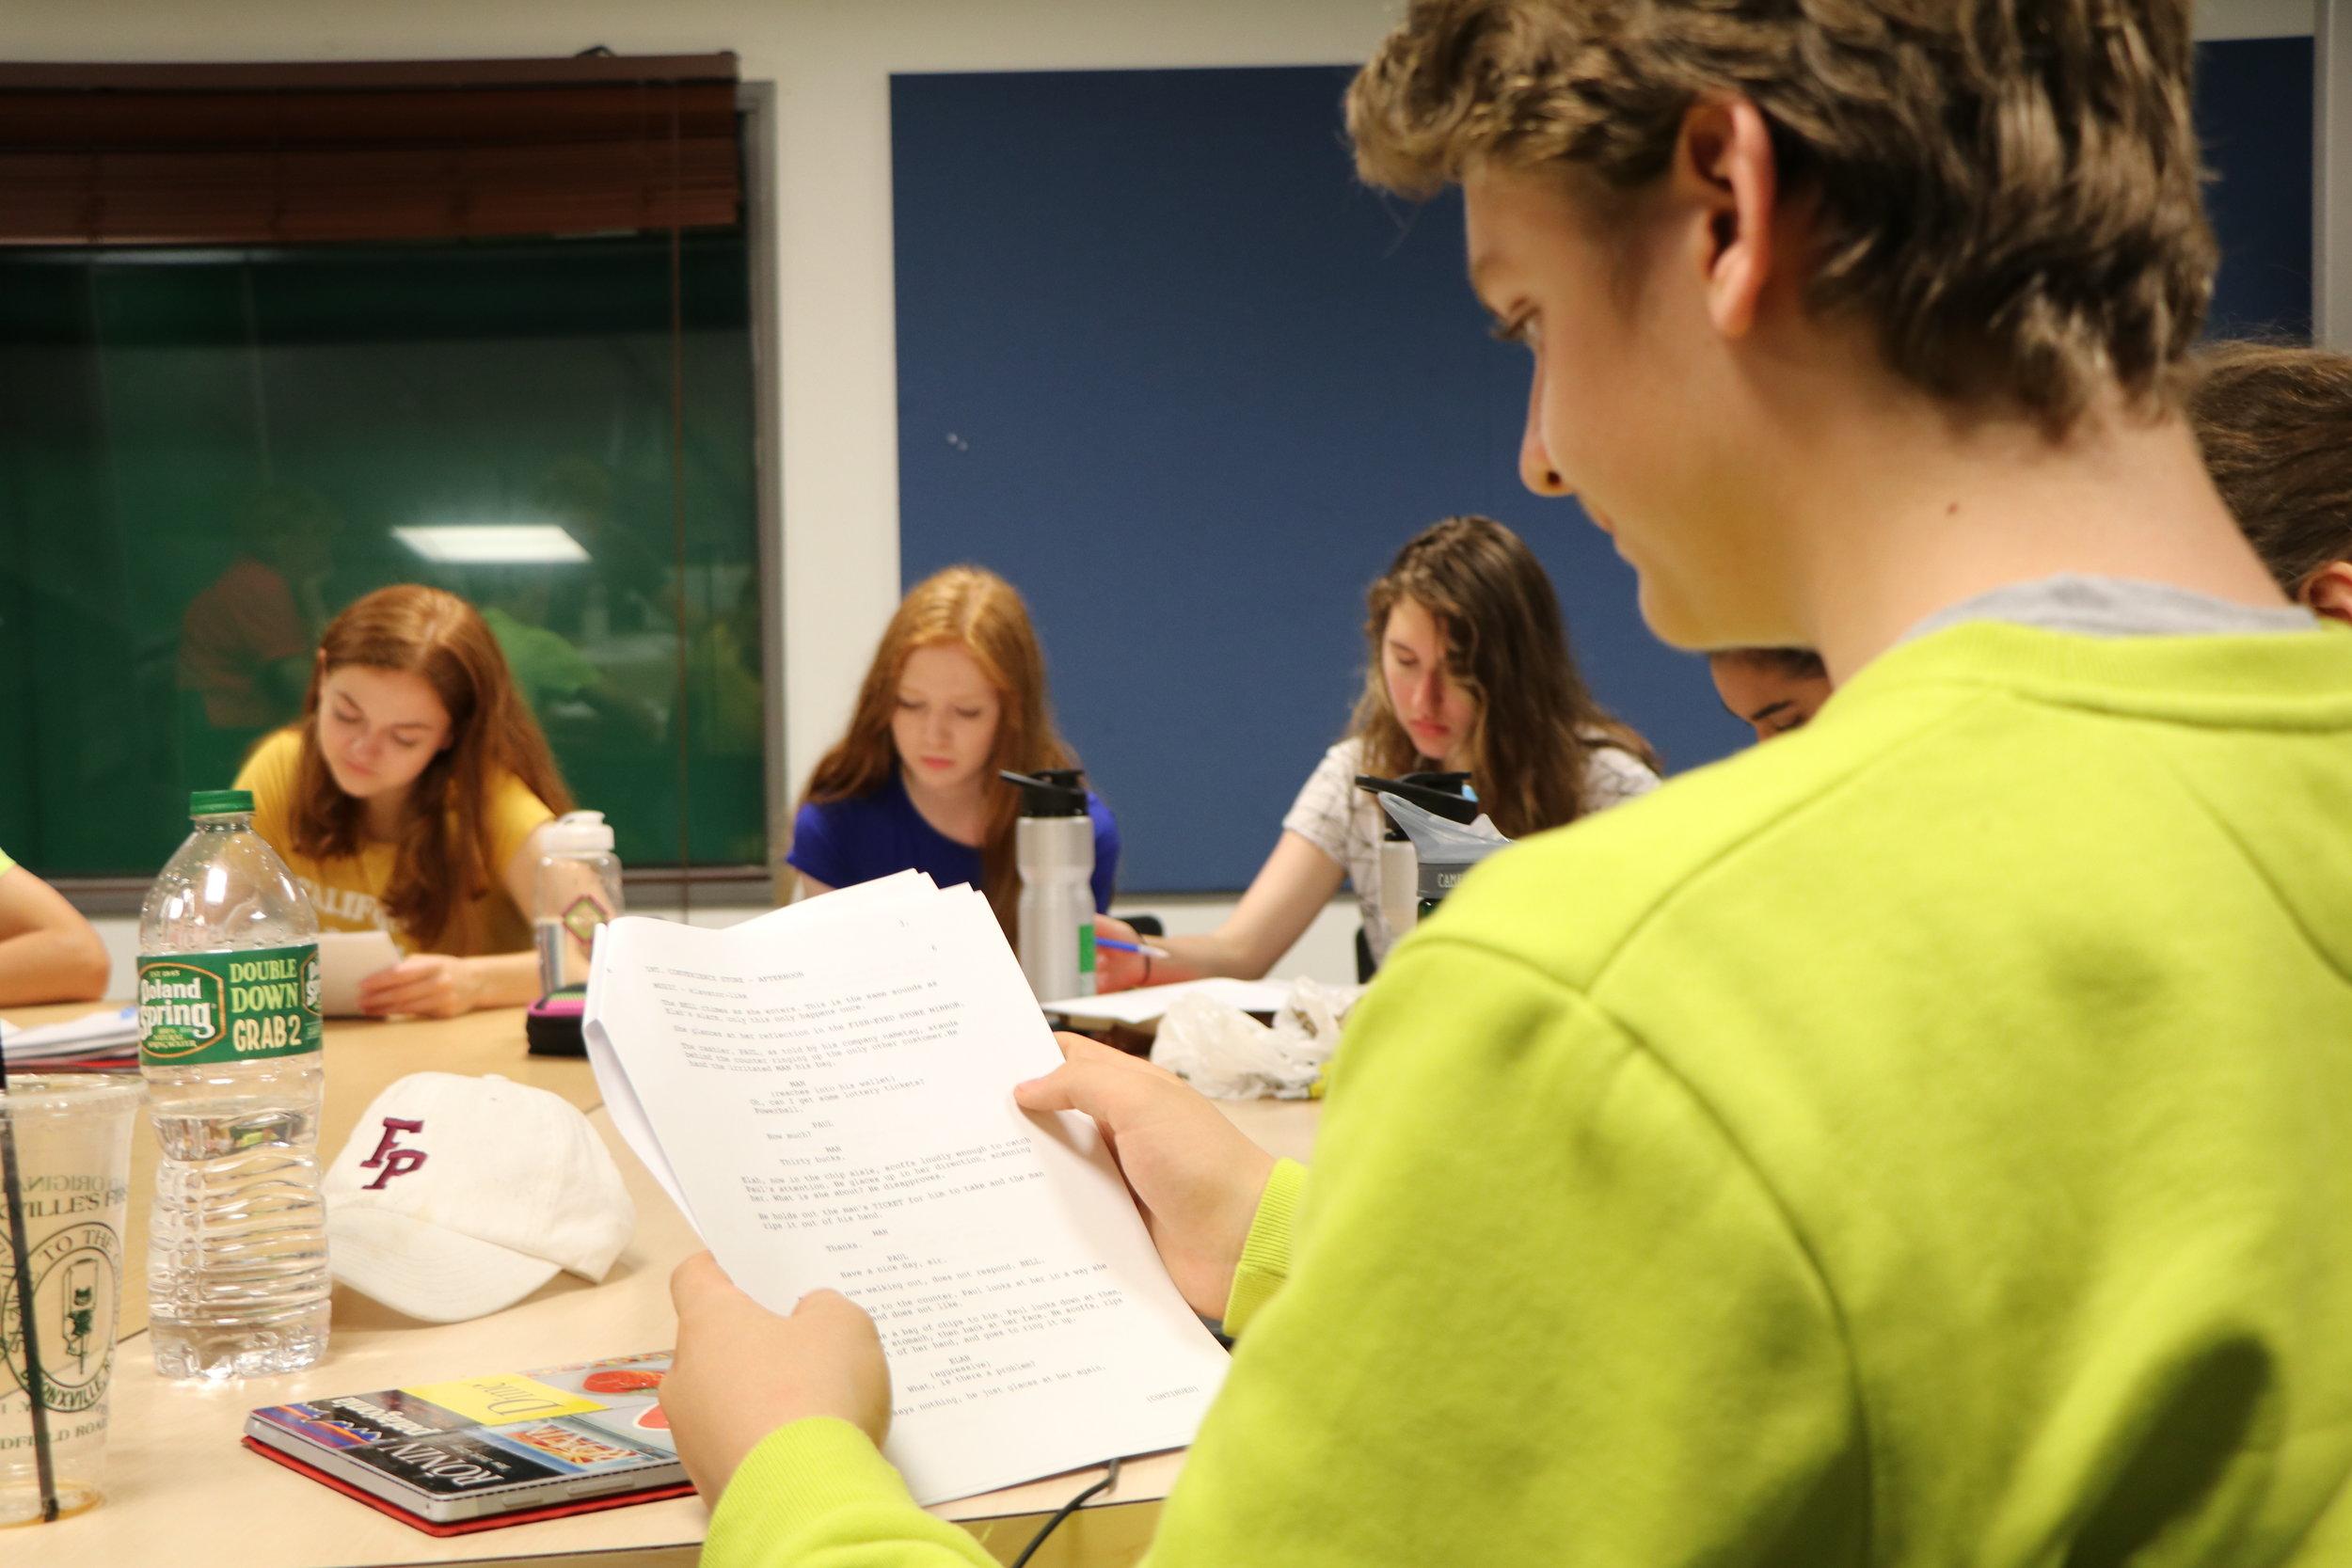 film students summer program